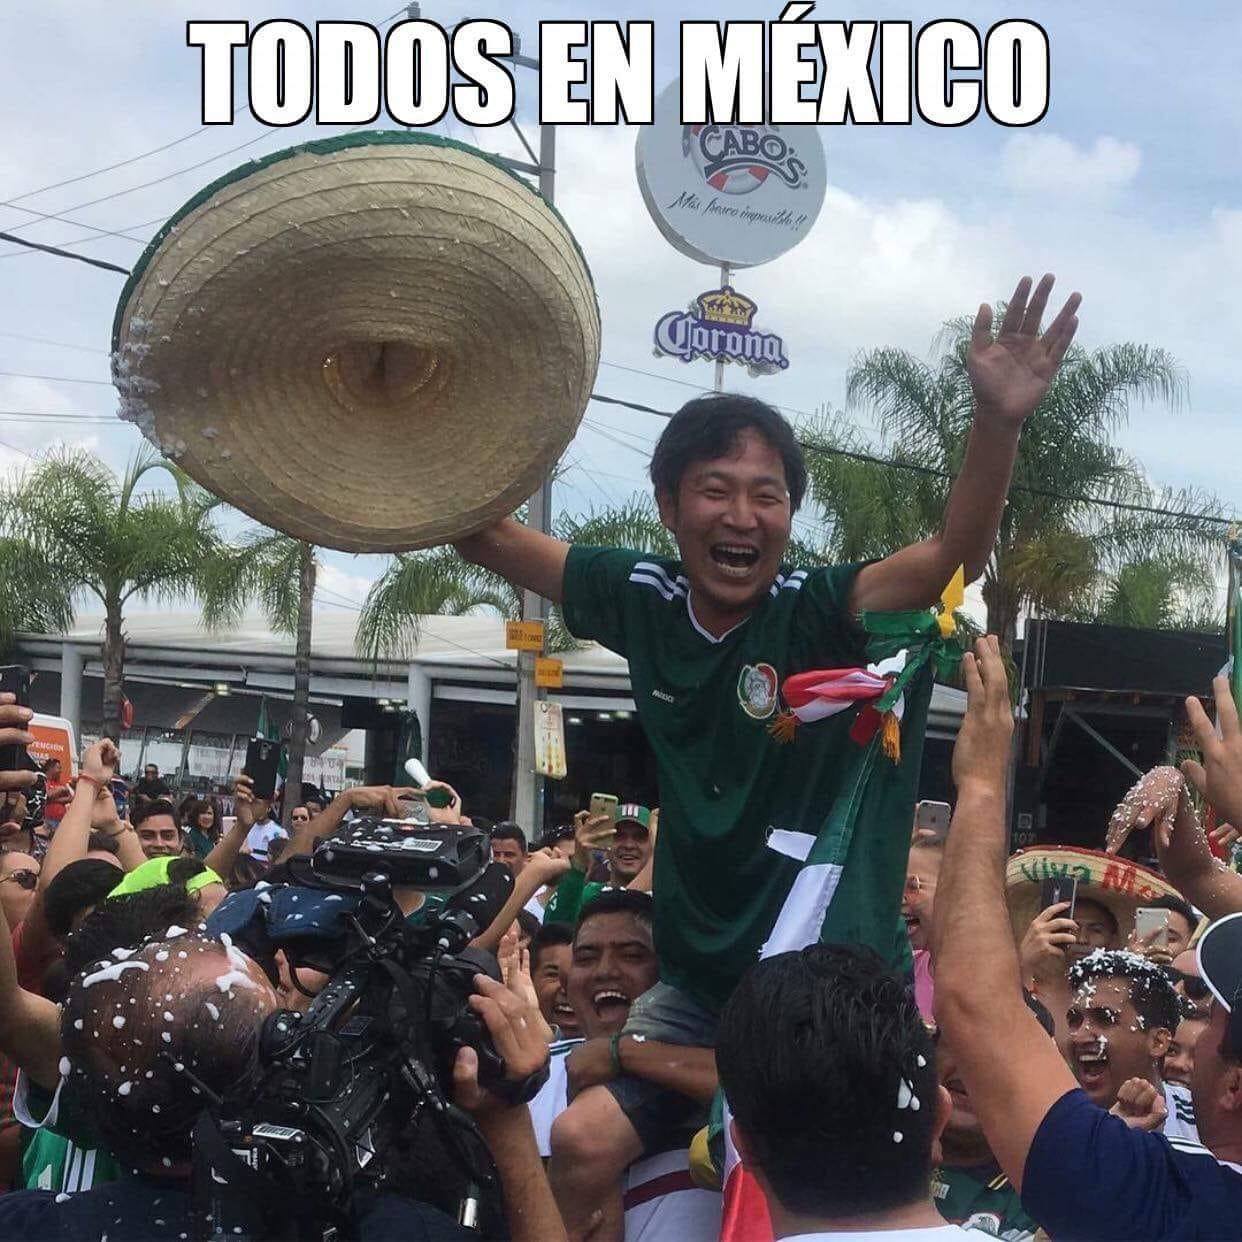 Coreano mexicano